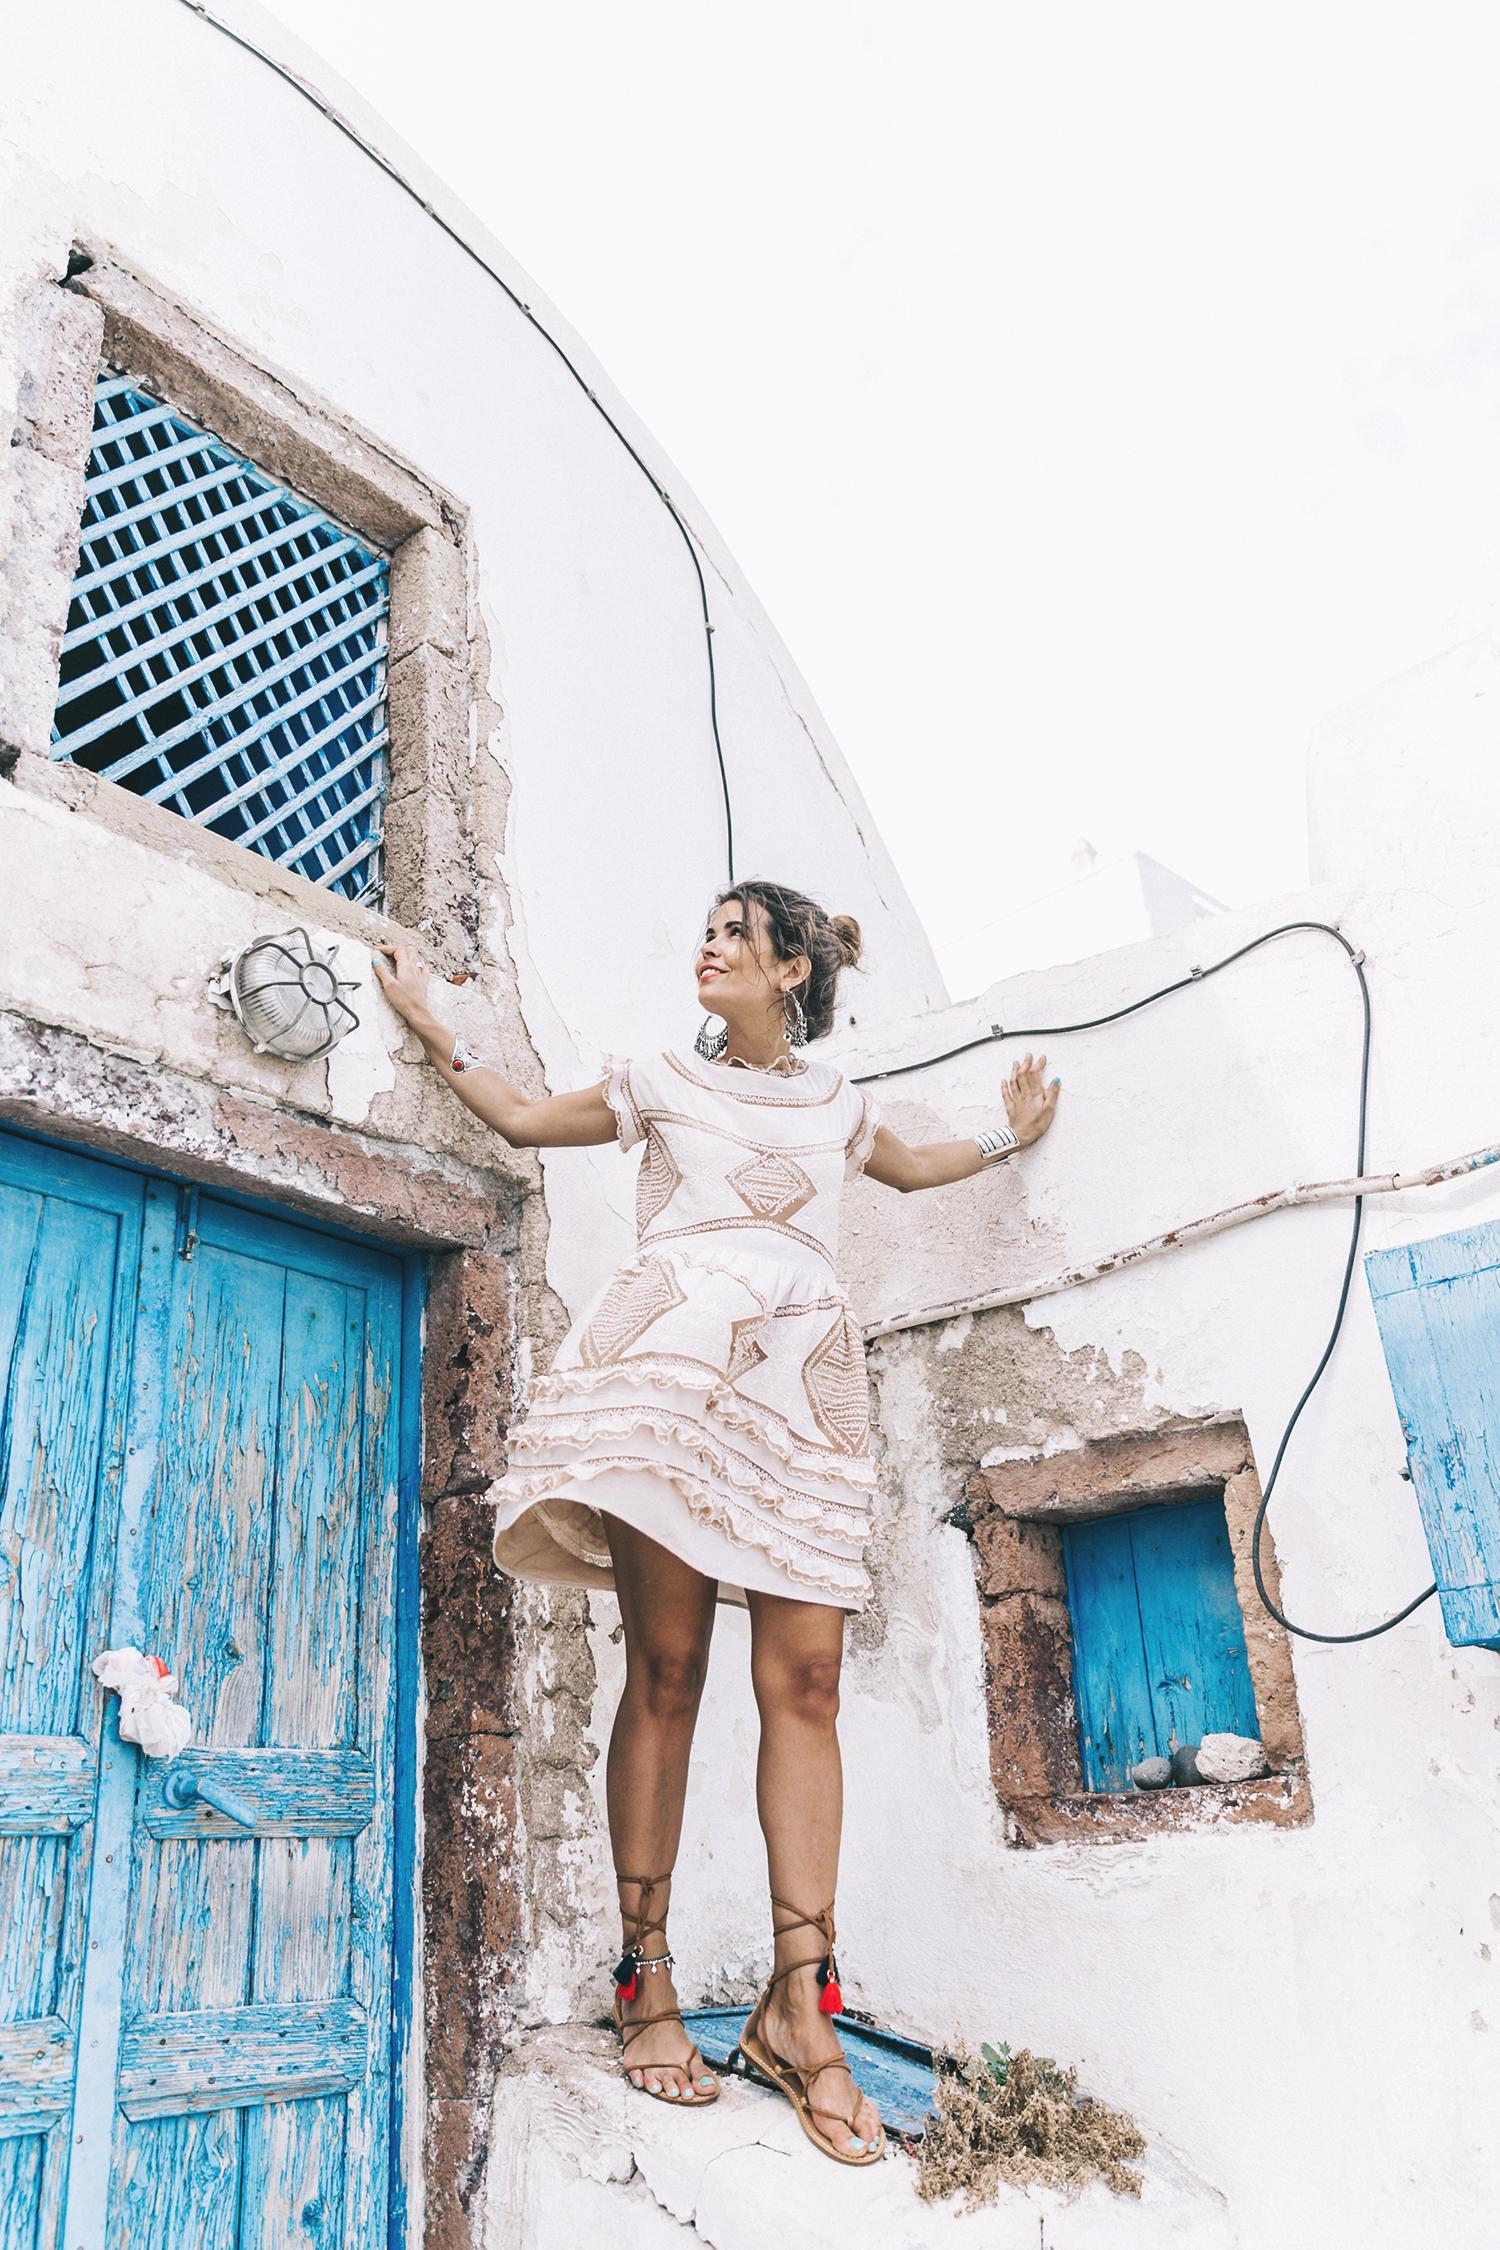 Chloe_Bag-Faye_Bag-For_Love_And_Lemons-Dress-Topknot-Soludos_Escapes-Soludos_Espadrilles-Summer-Santorini-Collage_Vintage-93